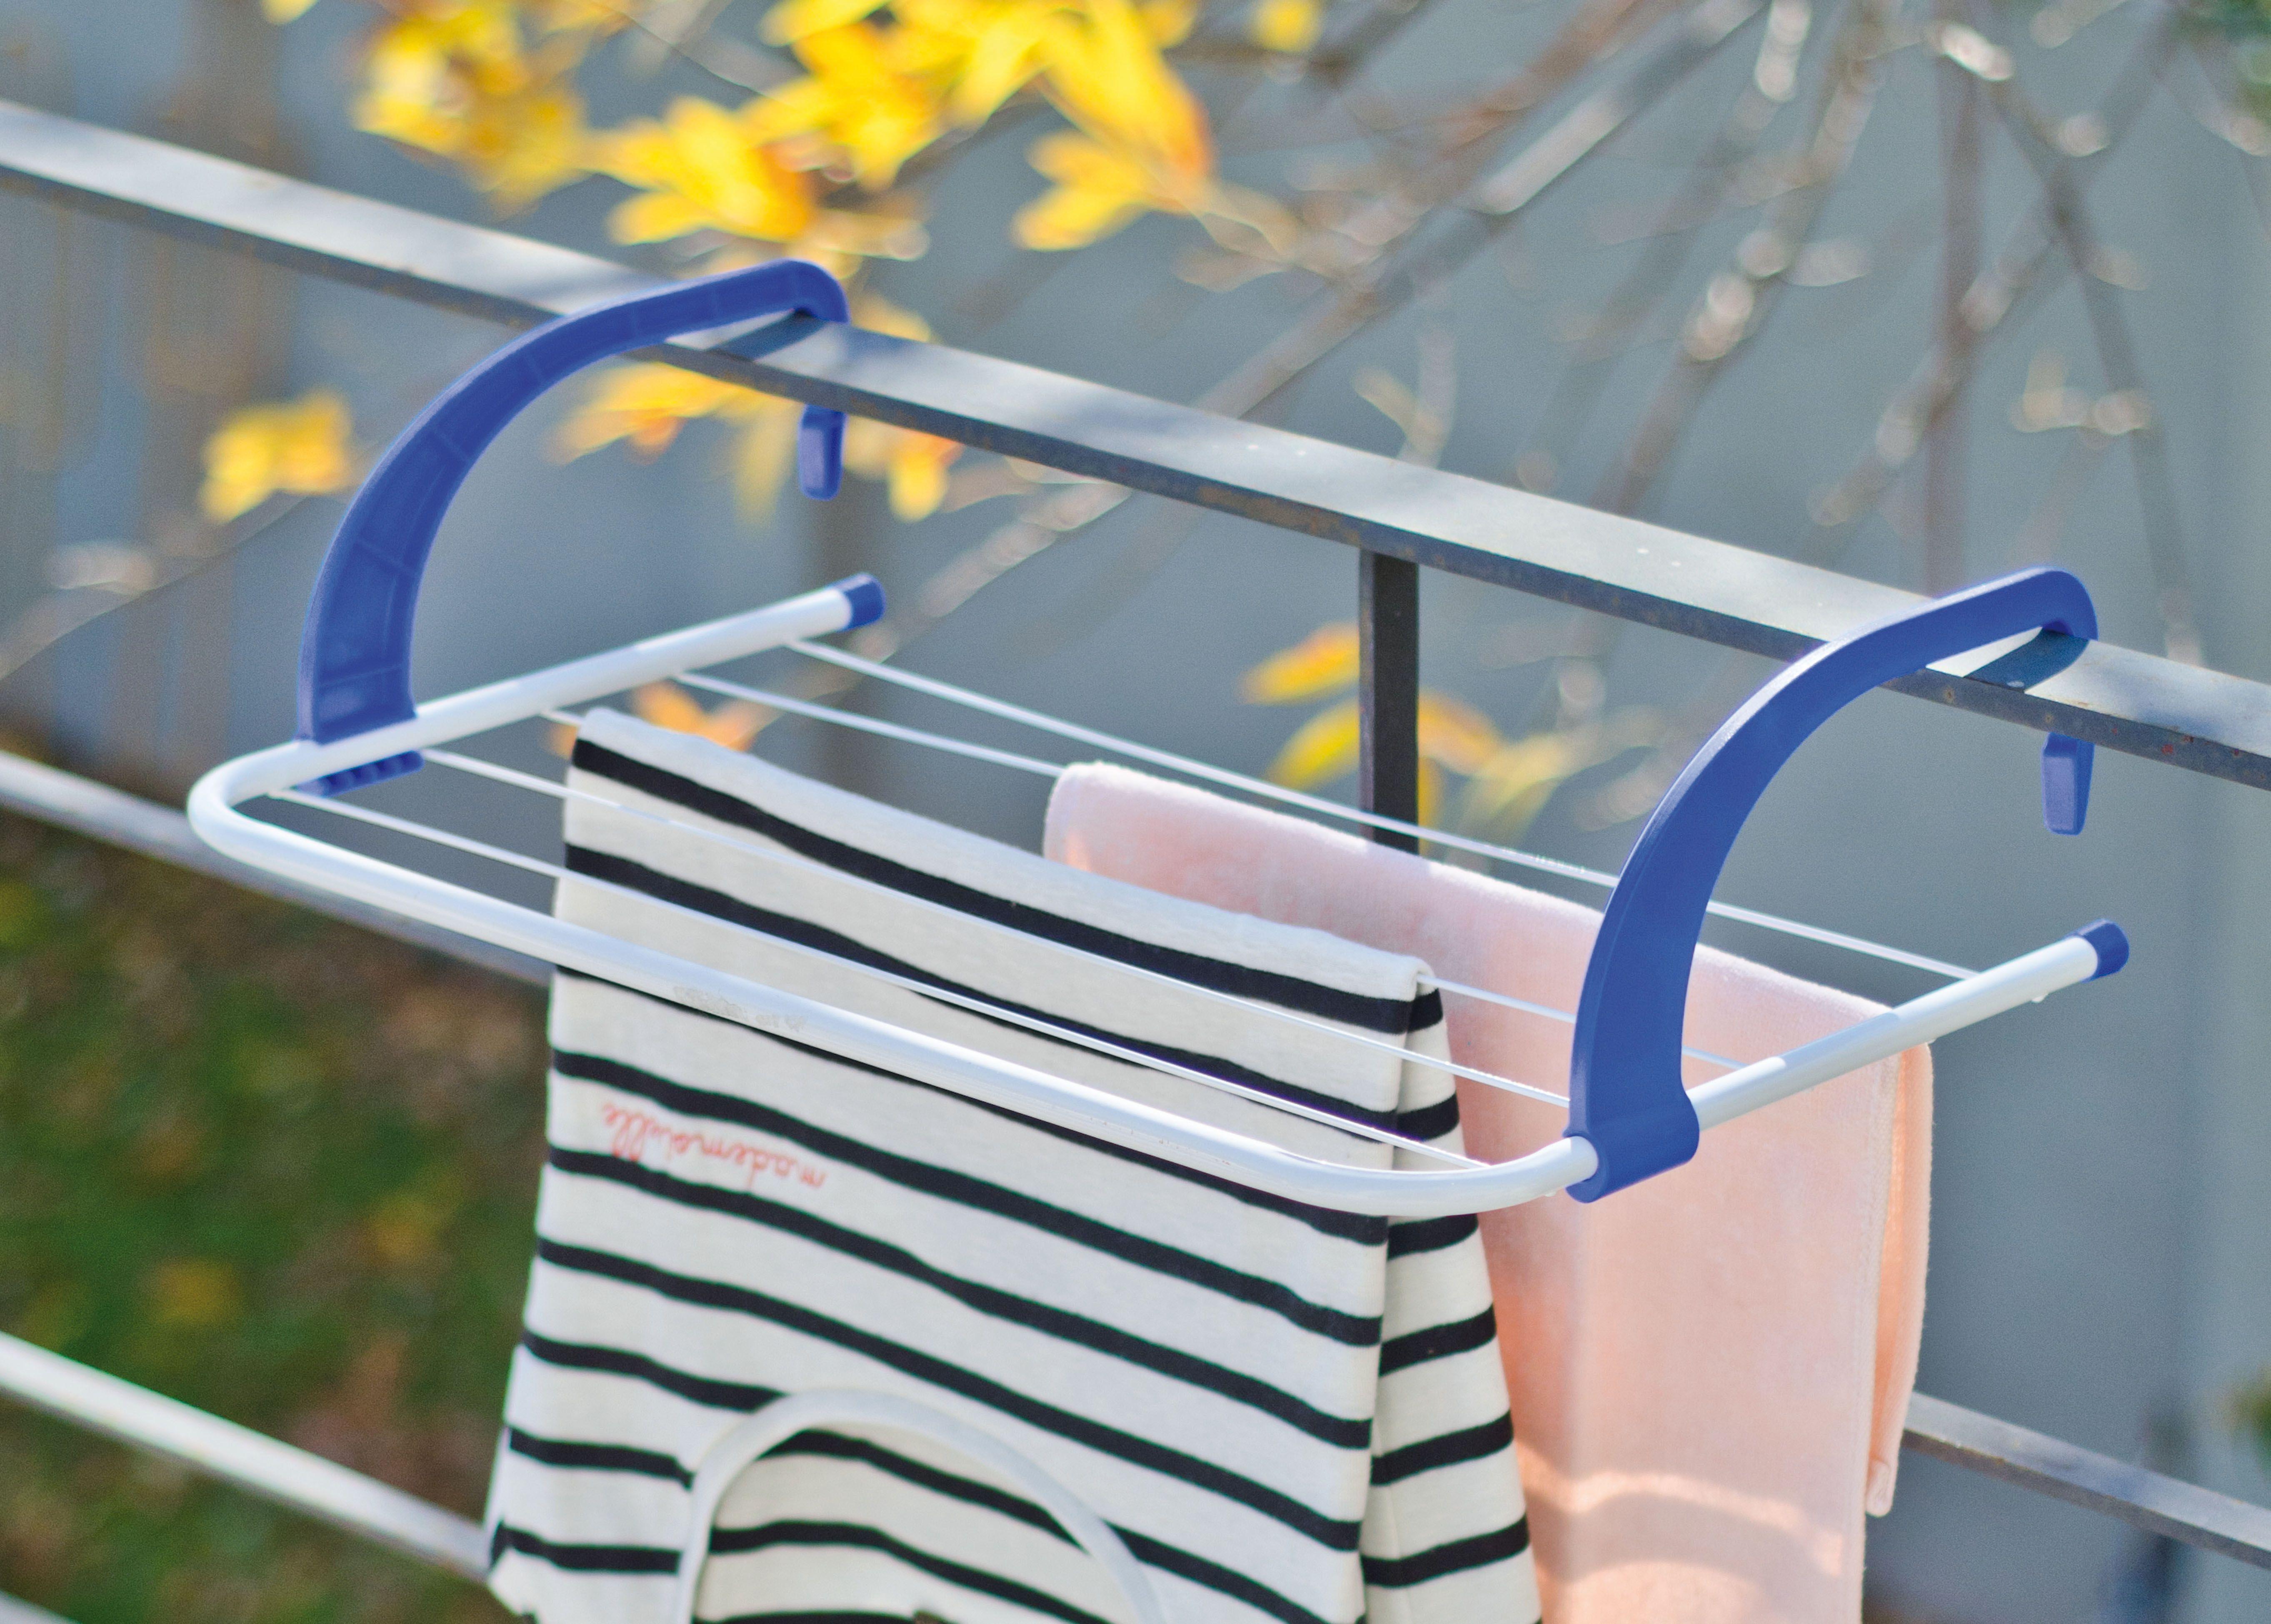 Tender De Balcon Tender Organizador Ropa Tendedero Secador Balcon Tendedero Balcones Muebles